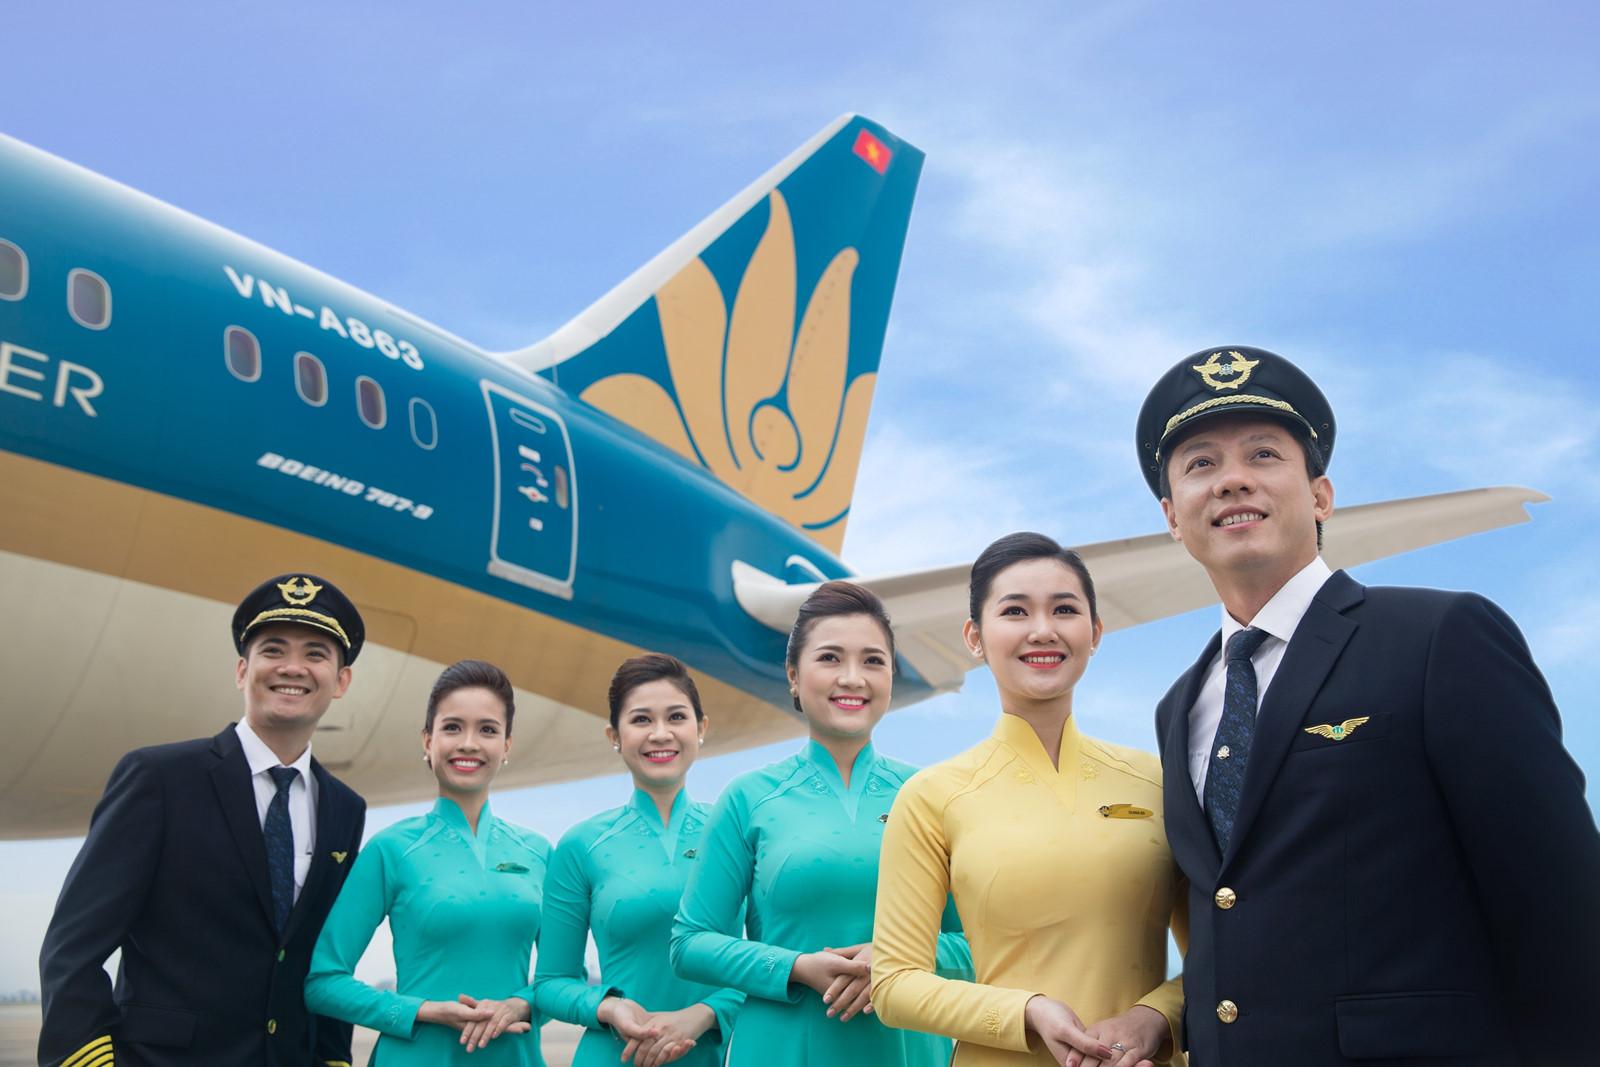 Lao đao vì Covid-19, khoảng 9.700 lao động của Vietnam Airlines không có công ăn việc làm - 1